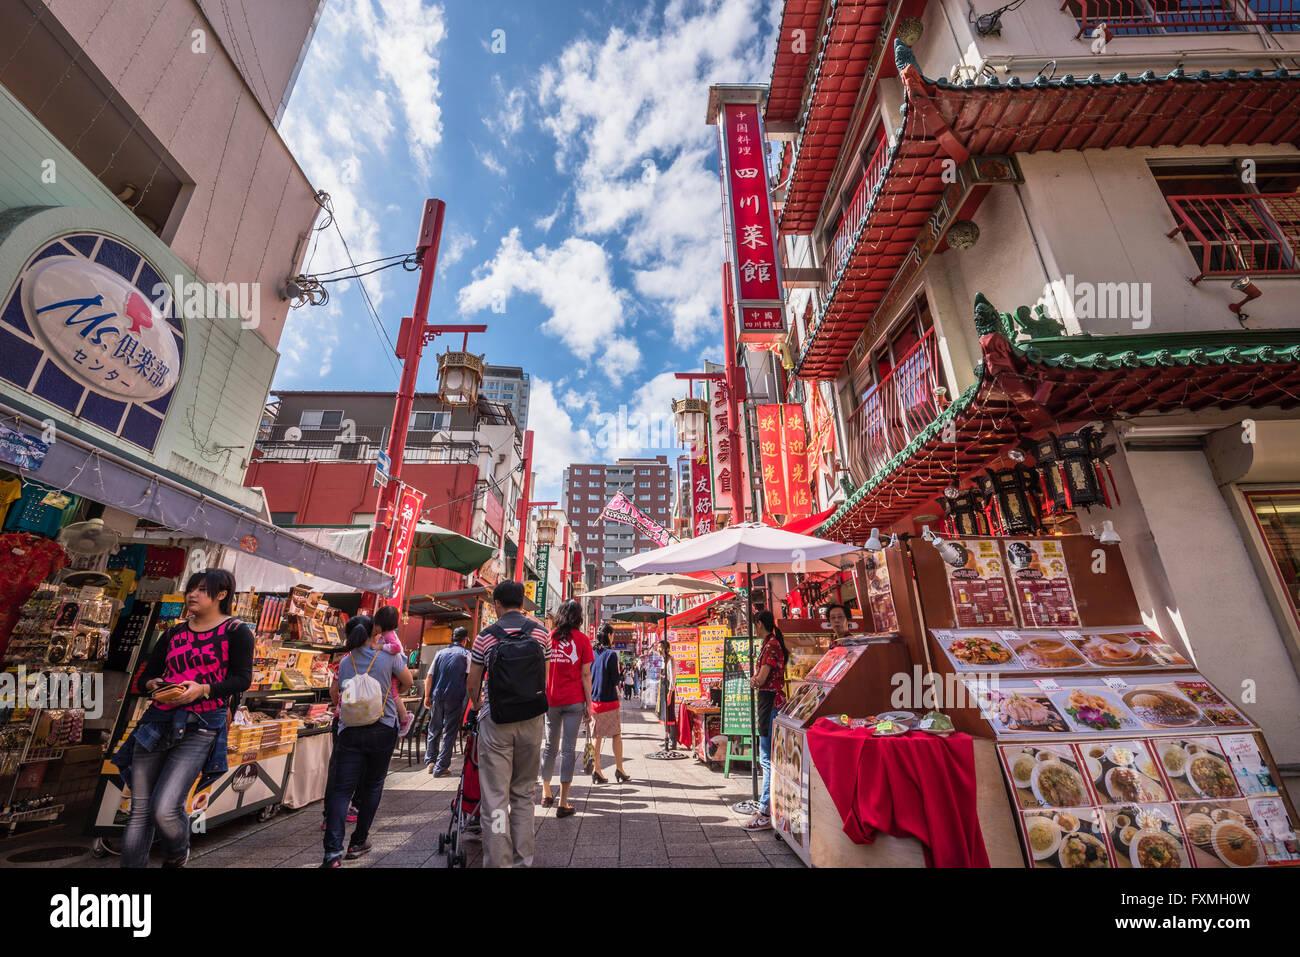 Chinatown in Kobe, Japan Stock Photo